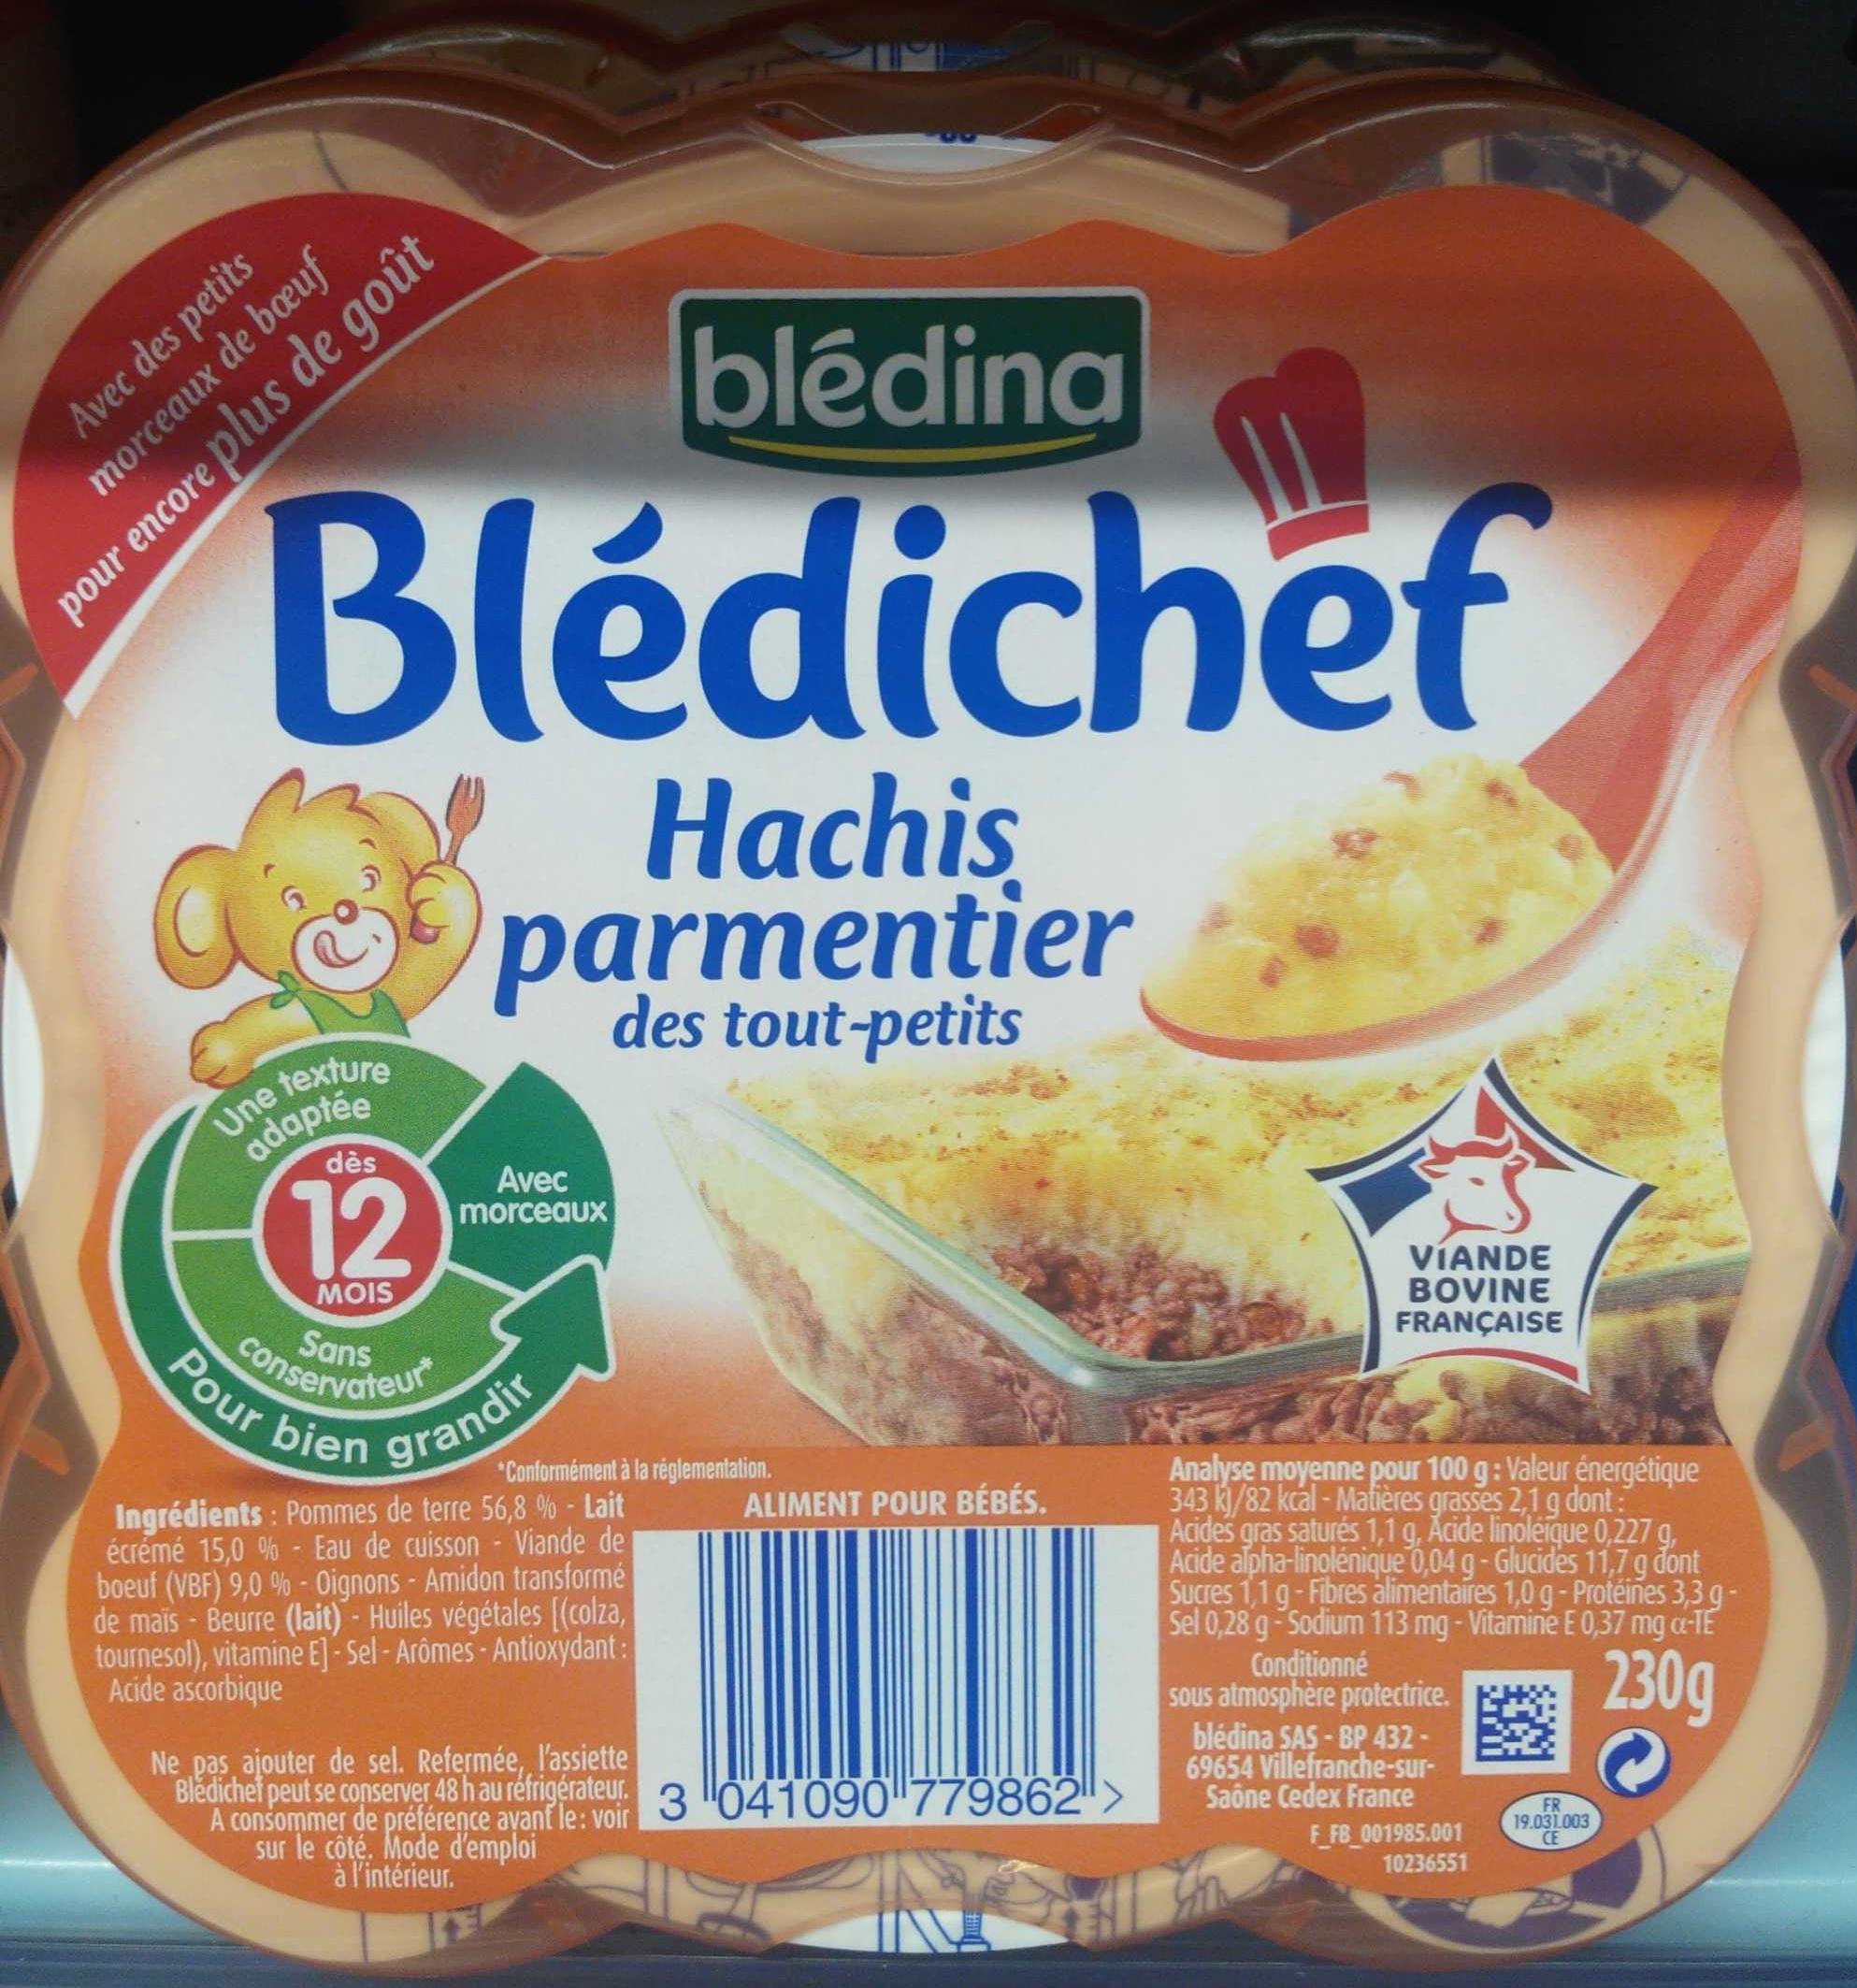 Blédichef - Hachis parmentier - Produit - fr